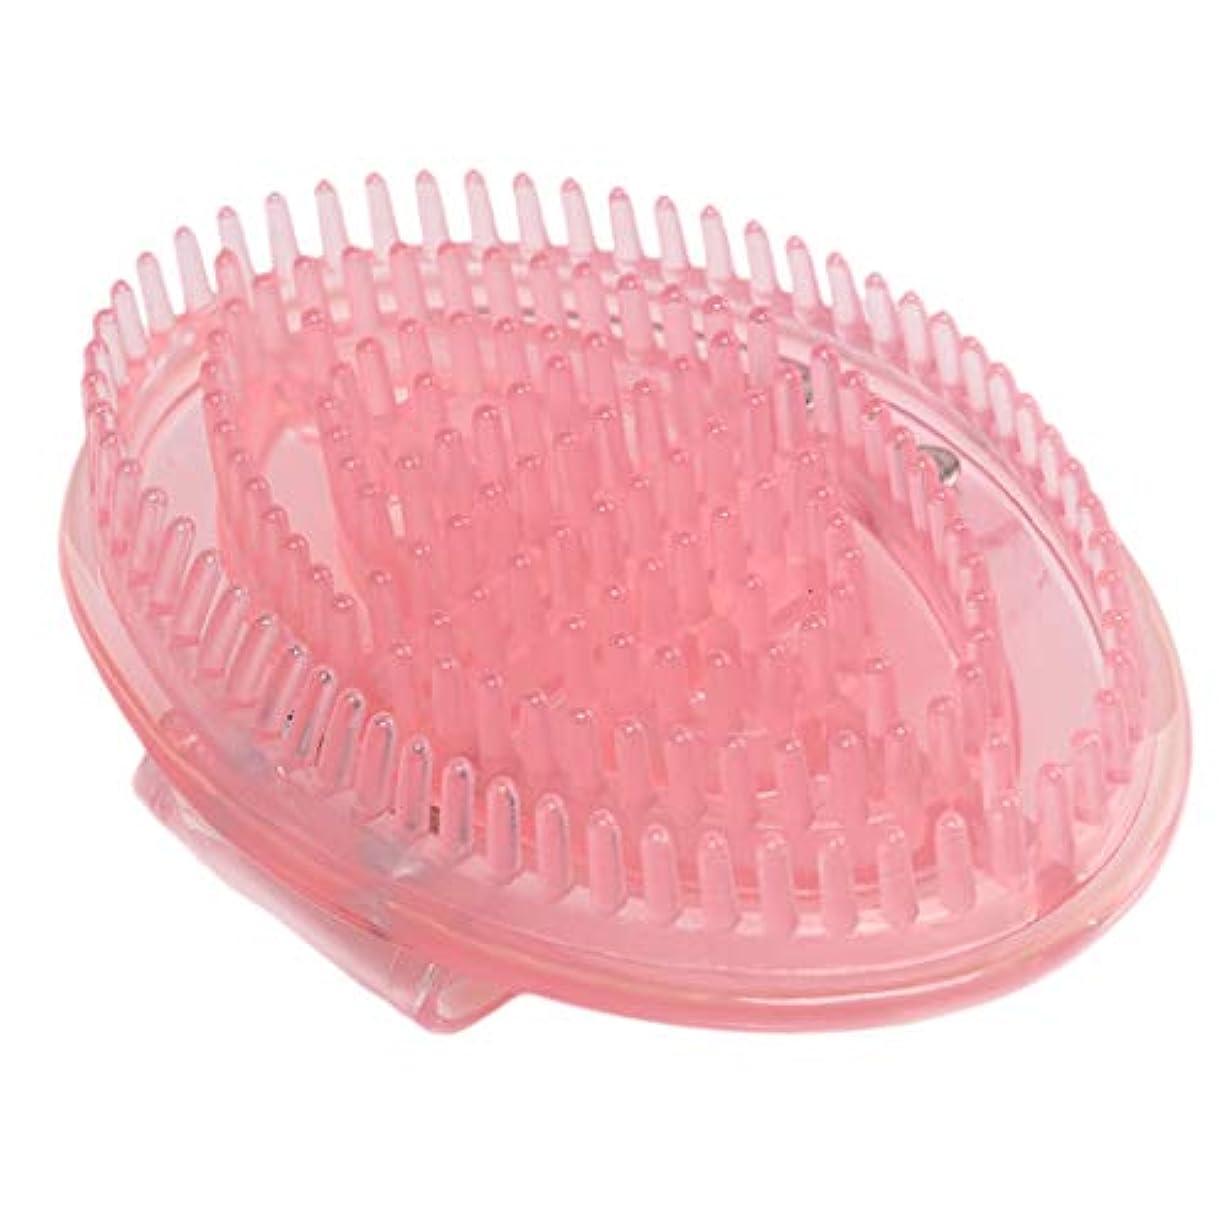 はっきりしない用語集ペニーマッサージブラシ ボディ セルライト ハンドタイプ 頭皮マッサージャー メリディアンマッサージ 全5色 - ピンク